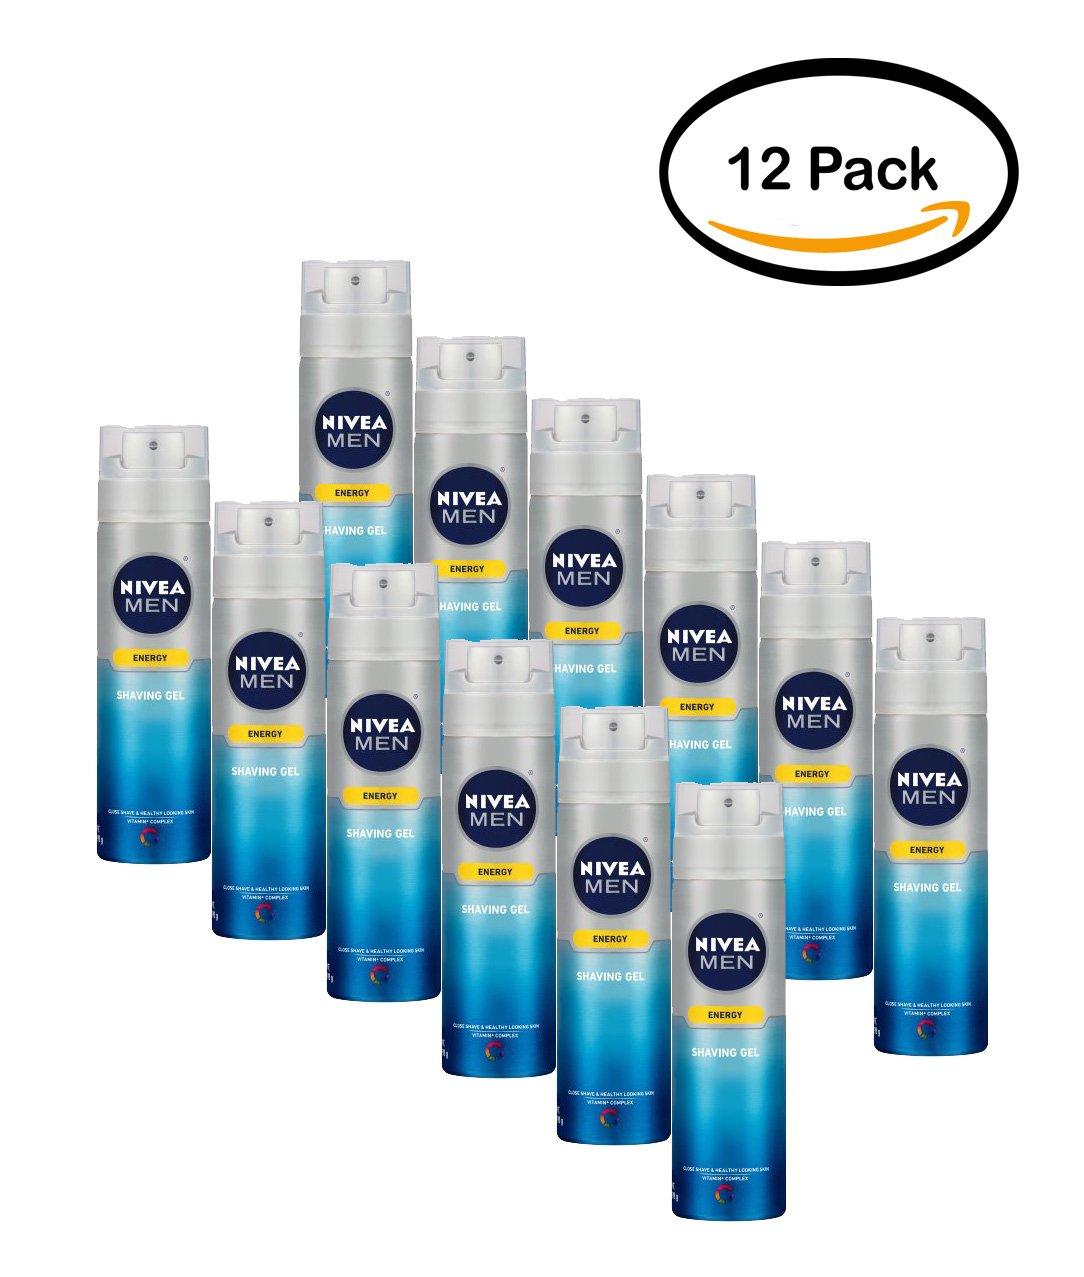 PACK OF 12 - NIVEA Men Energy Shaving Gel 7 oz.